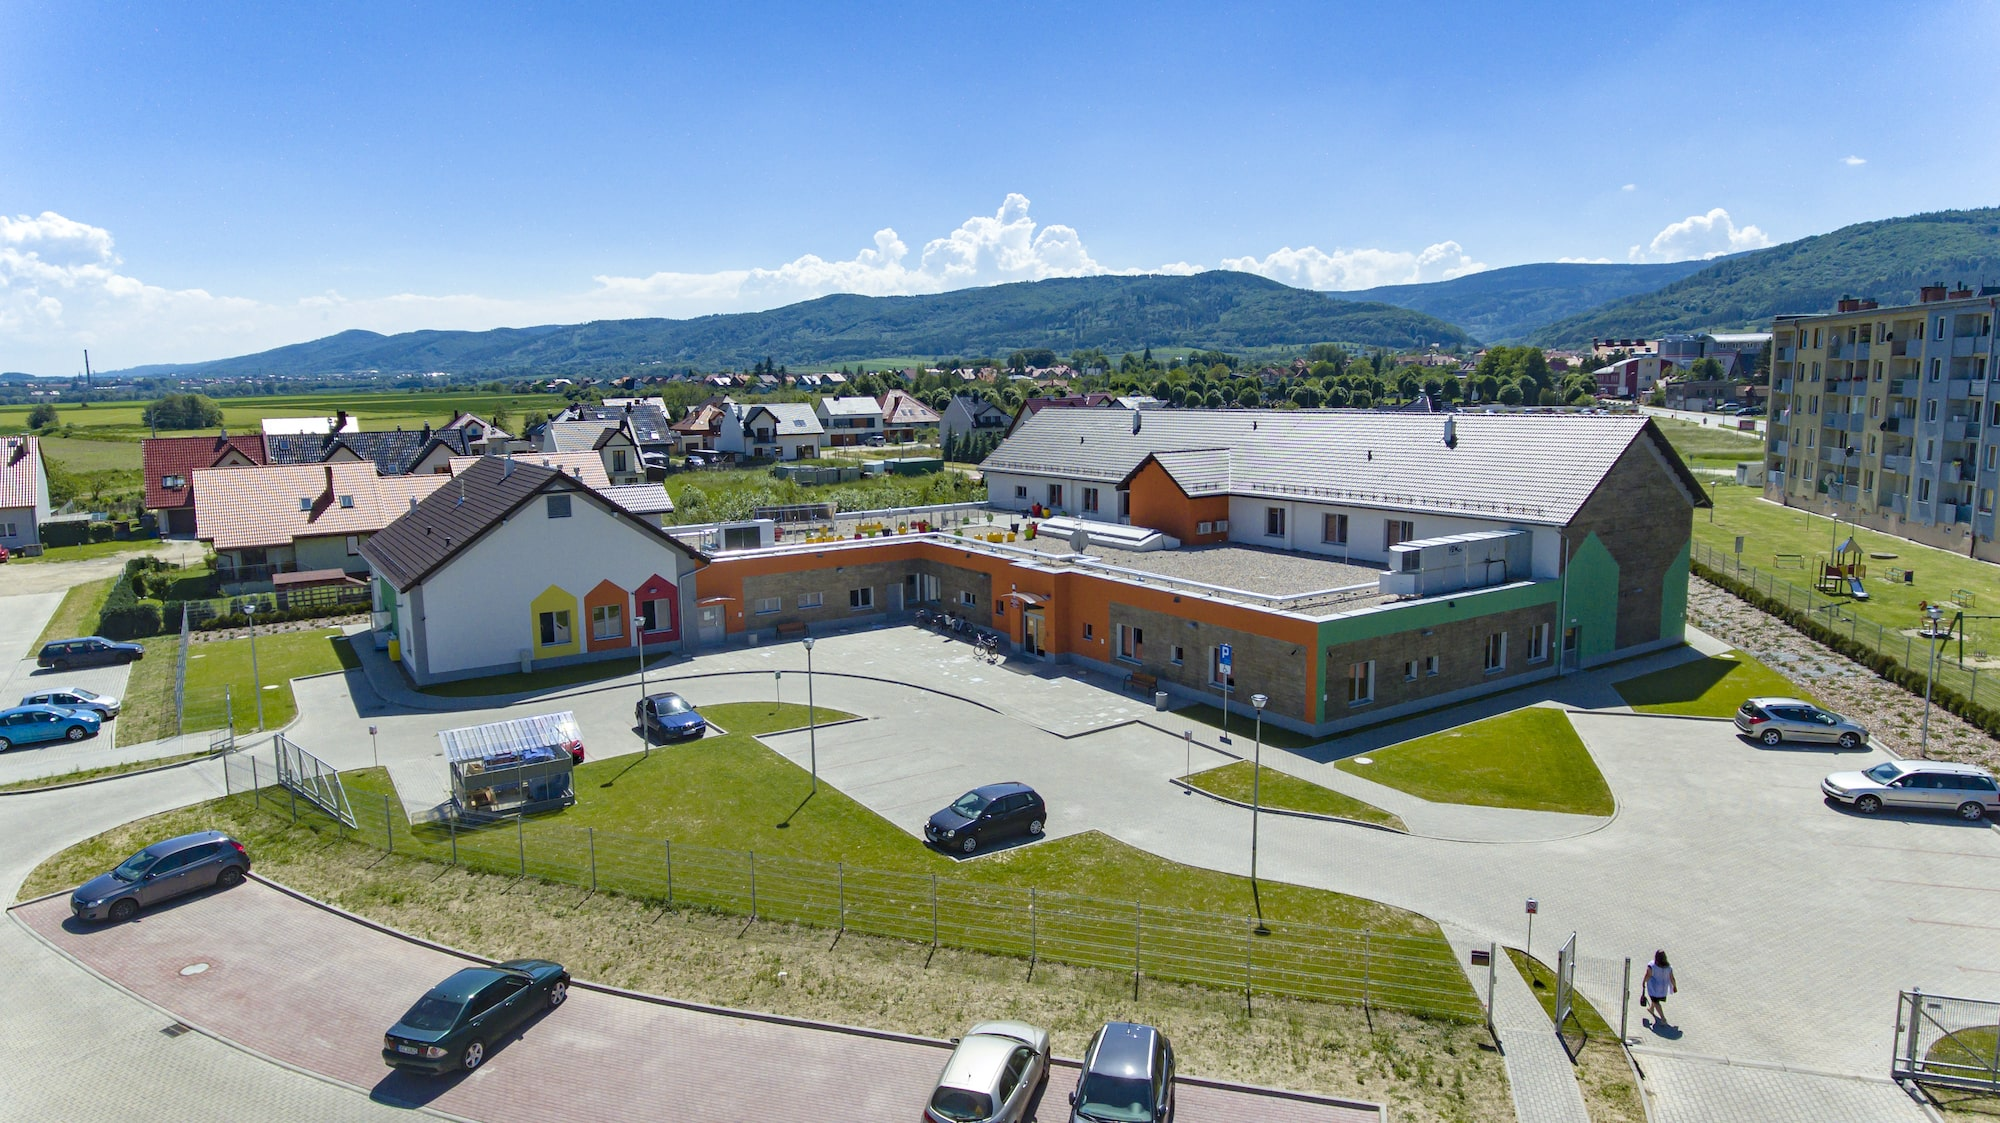 The new kindergarten and nursery in Pieszyce, in south-eastern Poland. ©Urząd Marszałkowski Województwa Dolnośląskiego